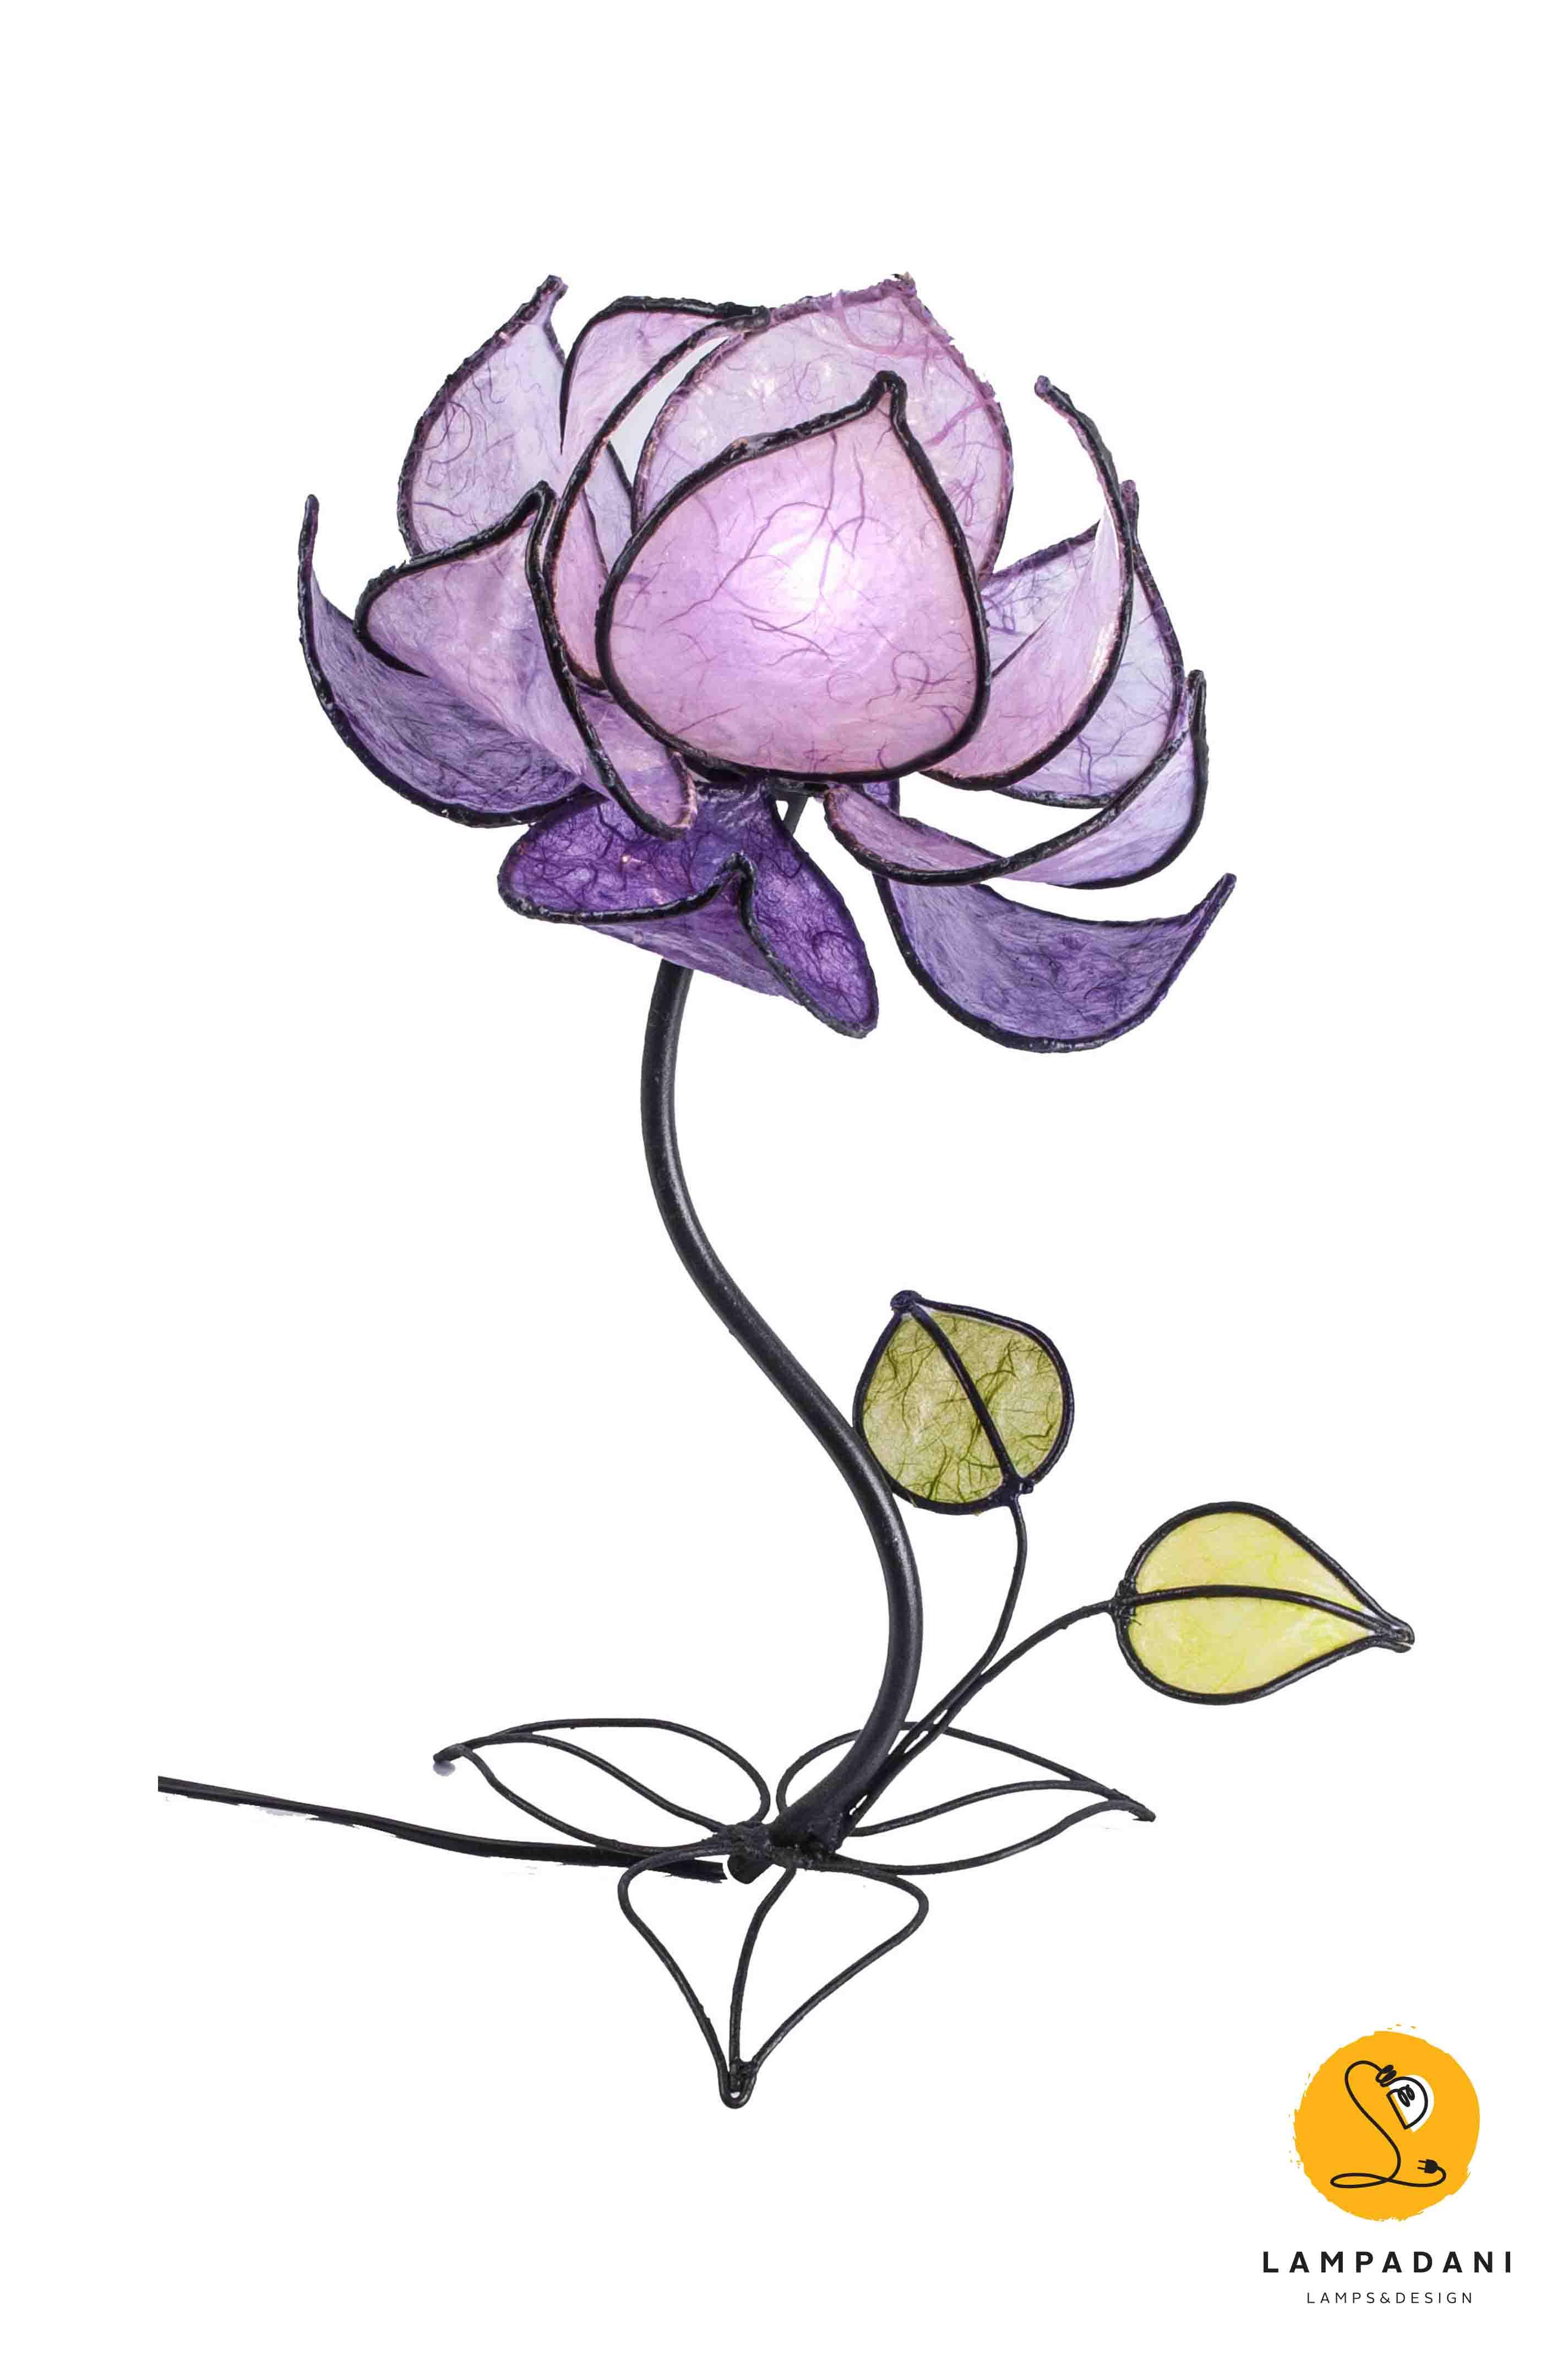 Lotus flower table lamp 12 petals high lampadani lotus flower table lamp 12 petals high izmirmasajfo Choice Image